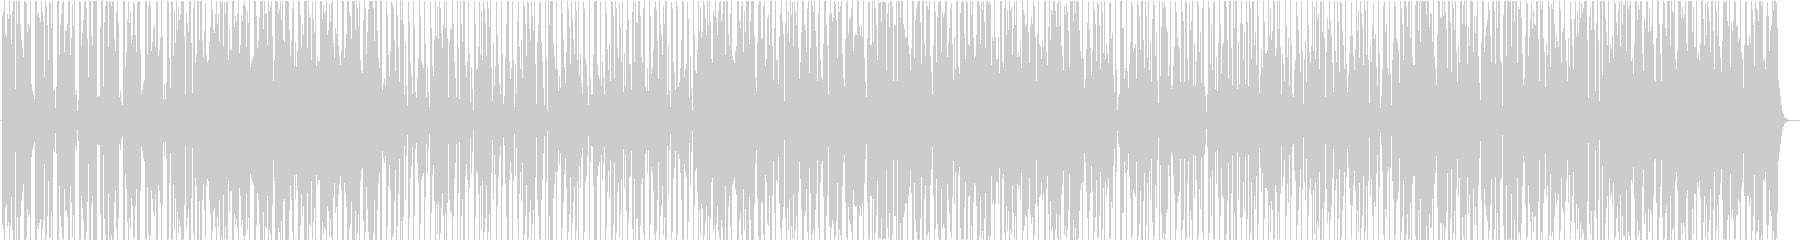 シンプルでタイトなファンク曲の未再生の波形